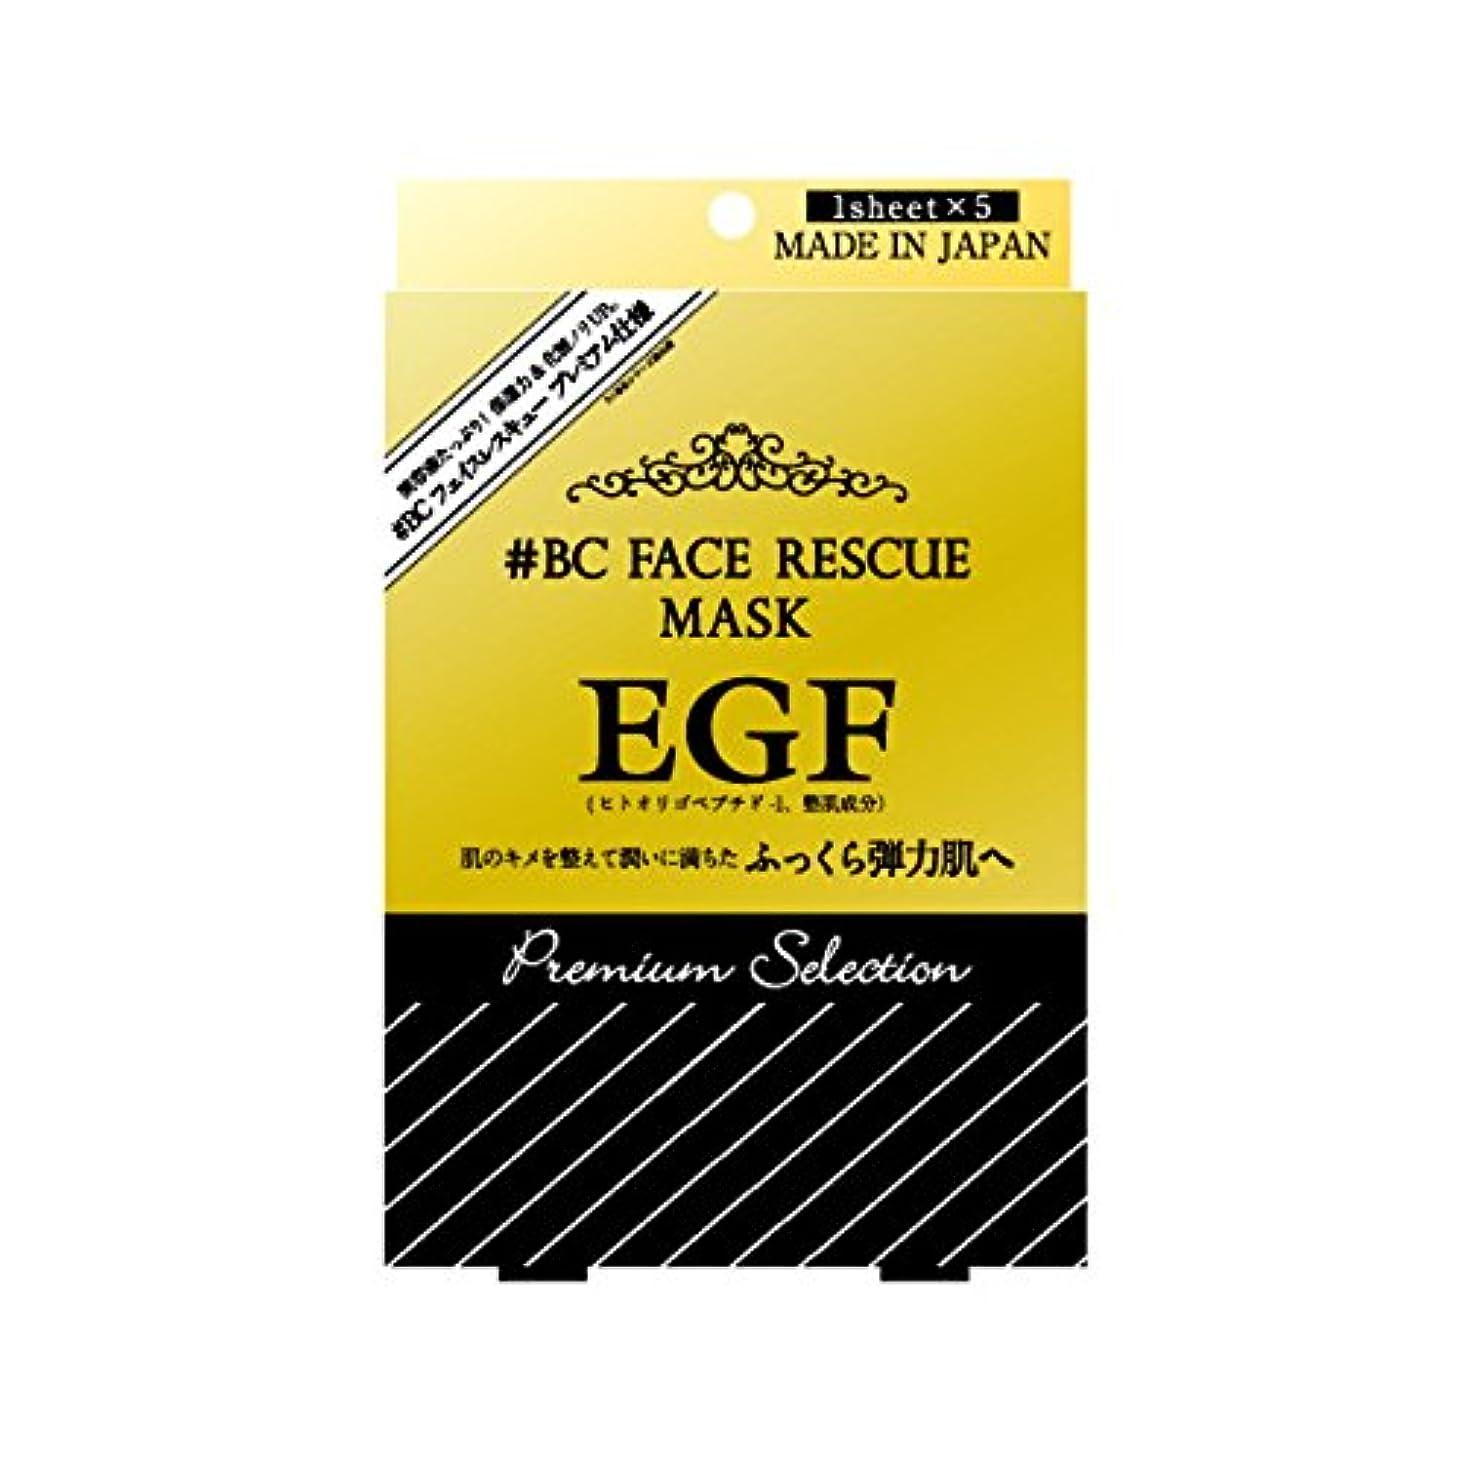 ドアミラーディプロマ振動するEGF フェイスレスキューマスク PS 1箱(25ml×5枚)